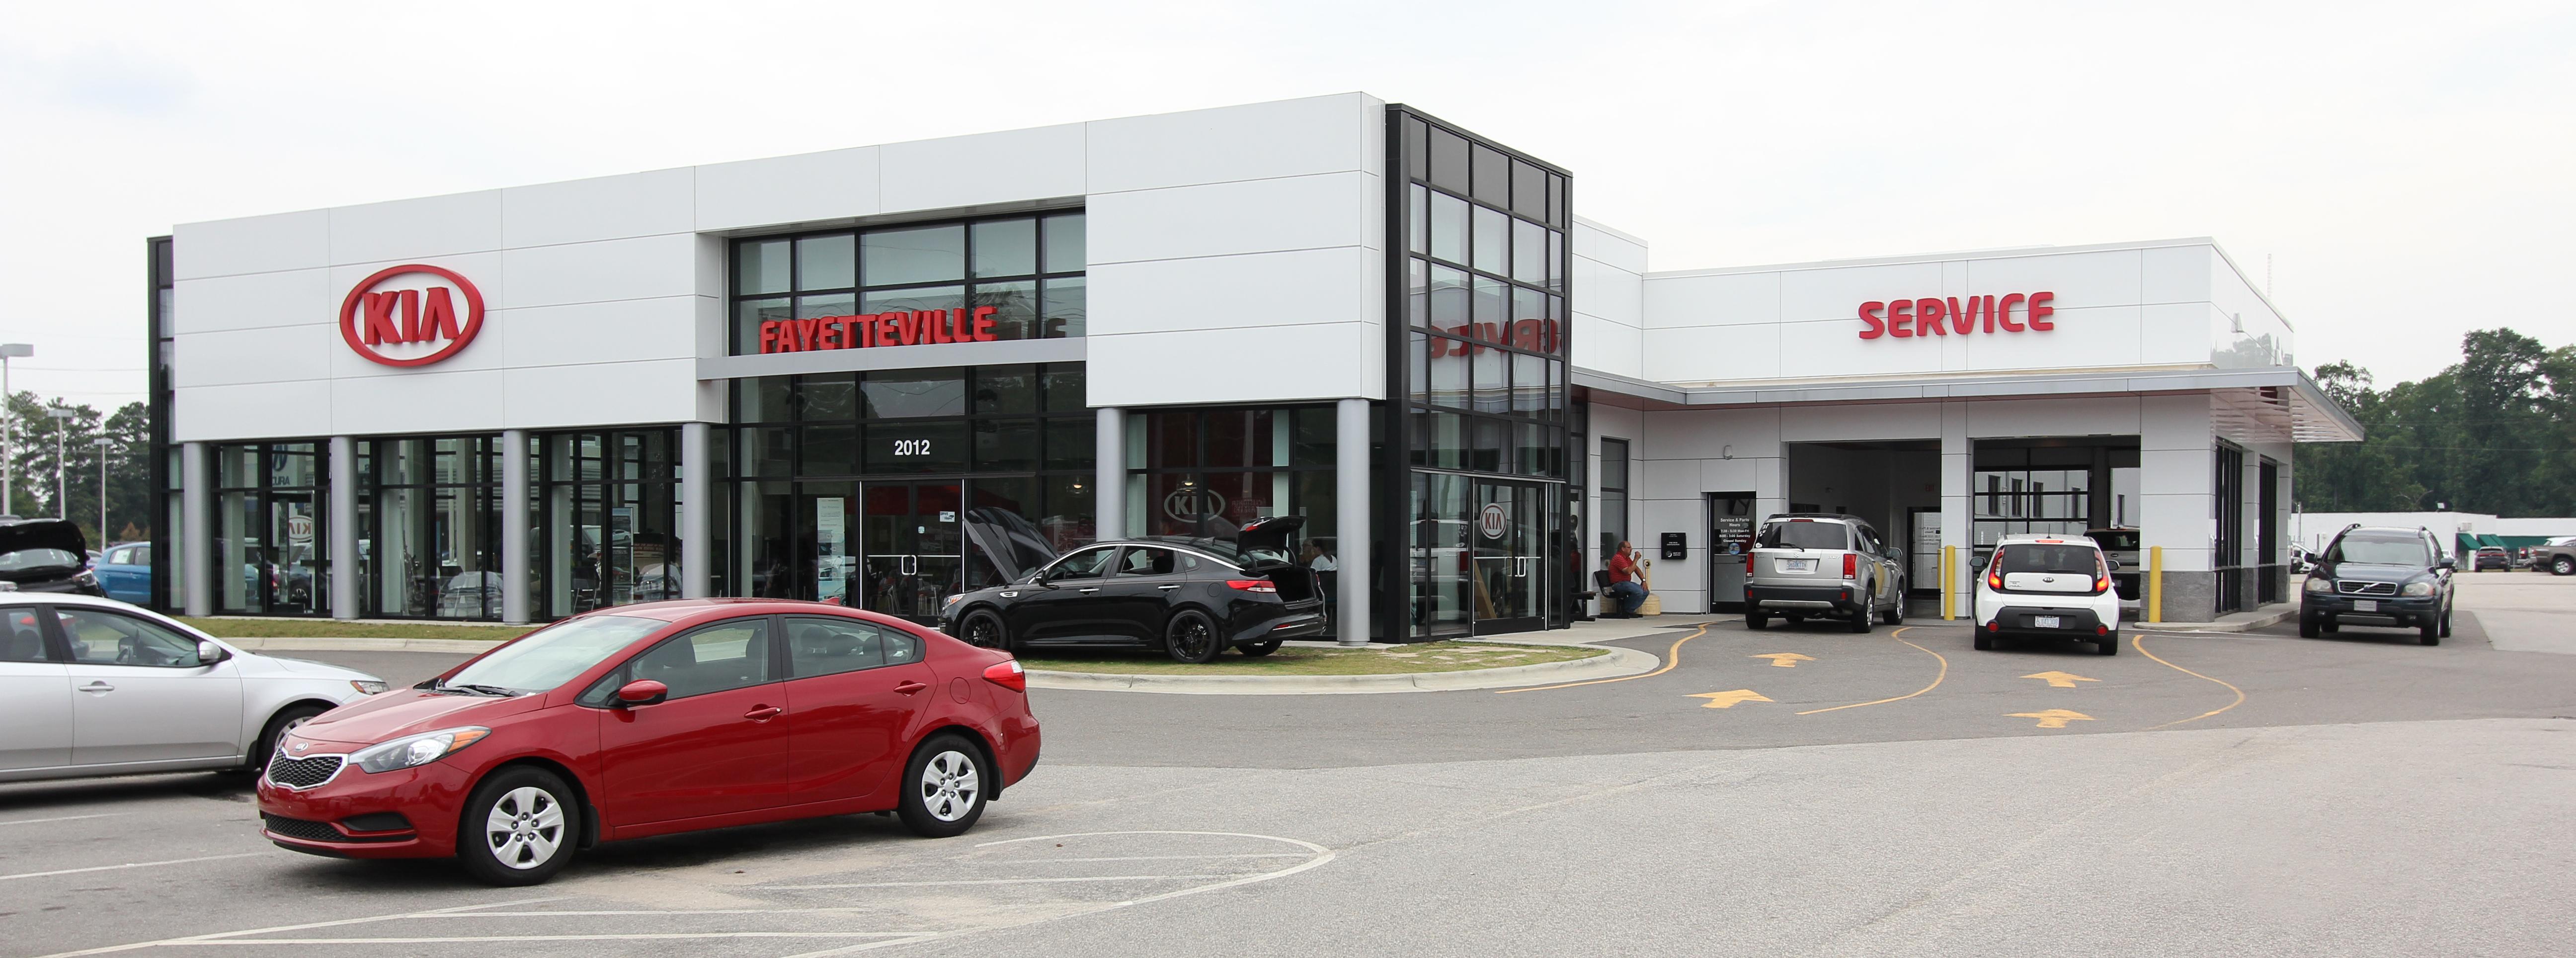 Fayetteville Kia Dealership